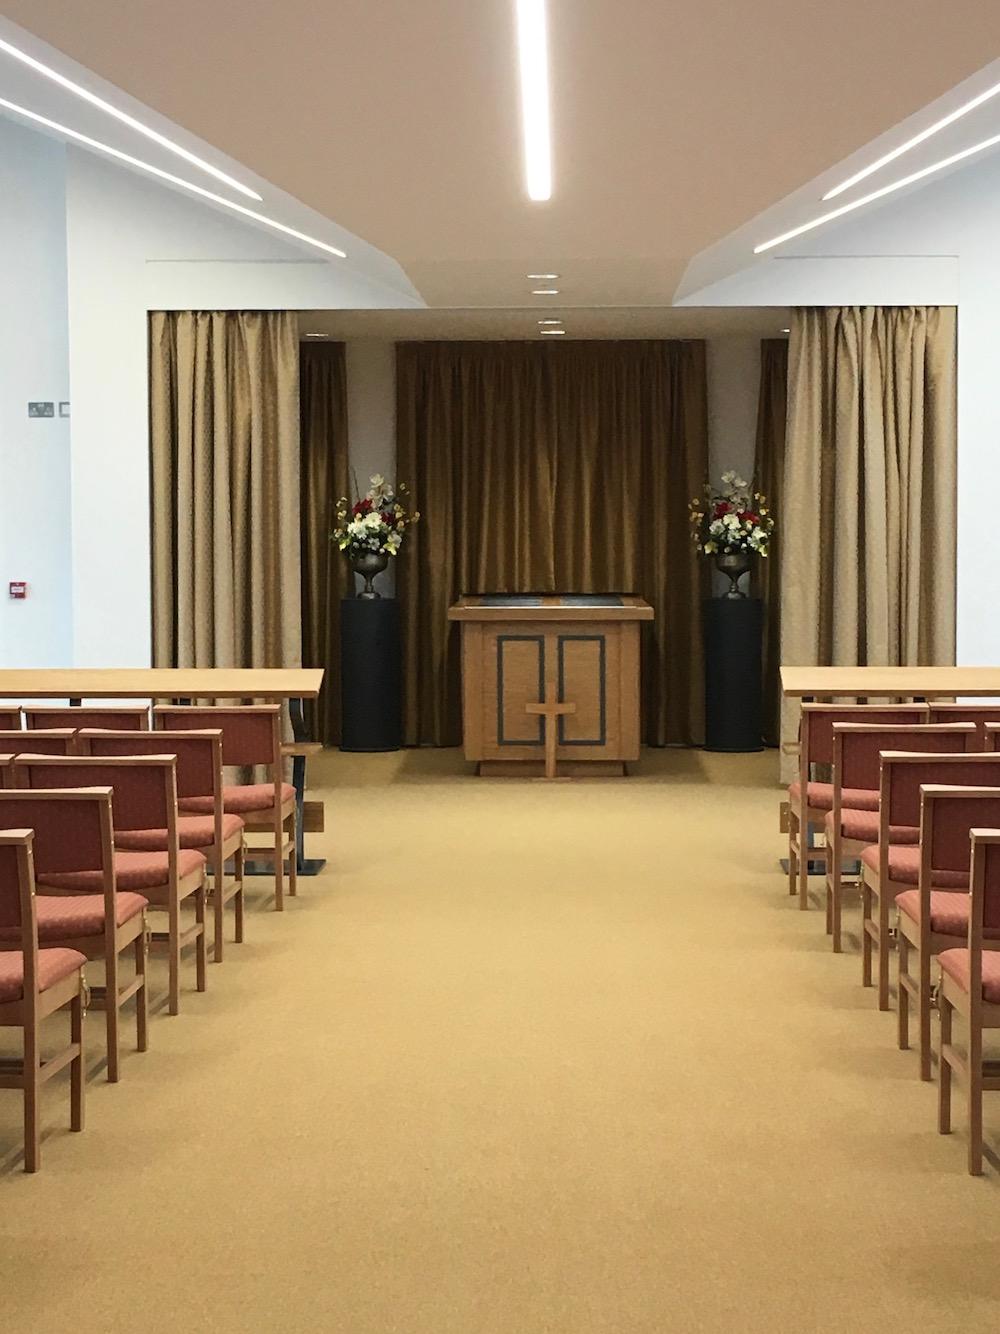 crematorium-chapel